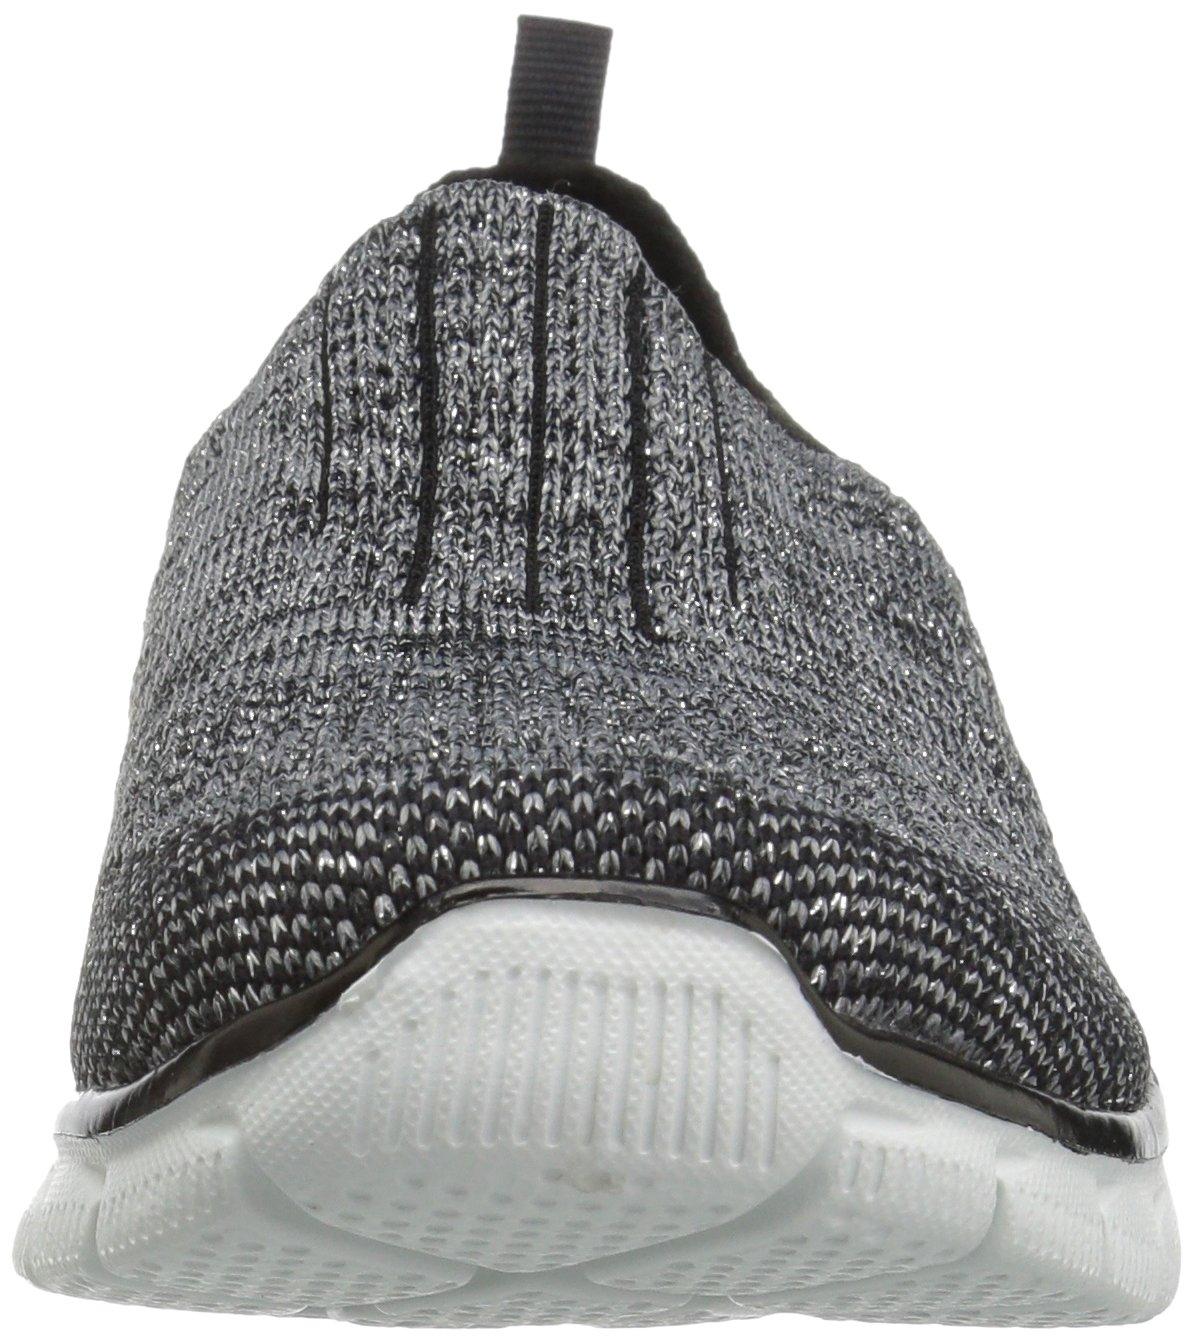 Skechers Sport Women's Empire Inside Look Fashion Sneaker B01HOBS1AI 8 B(M) US|Black/Silver